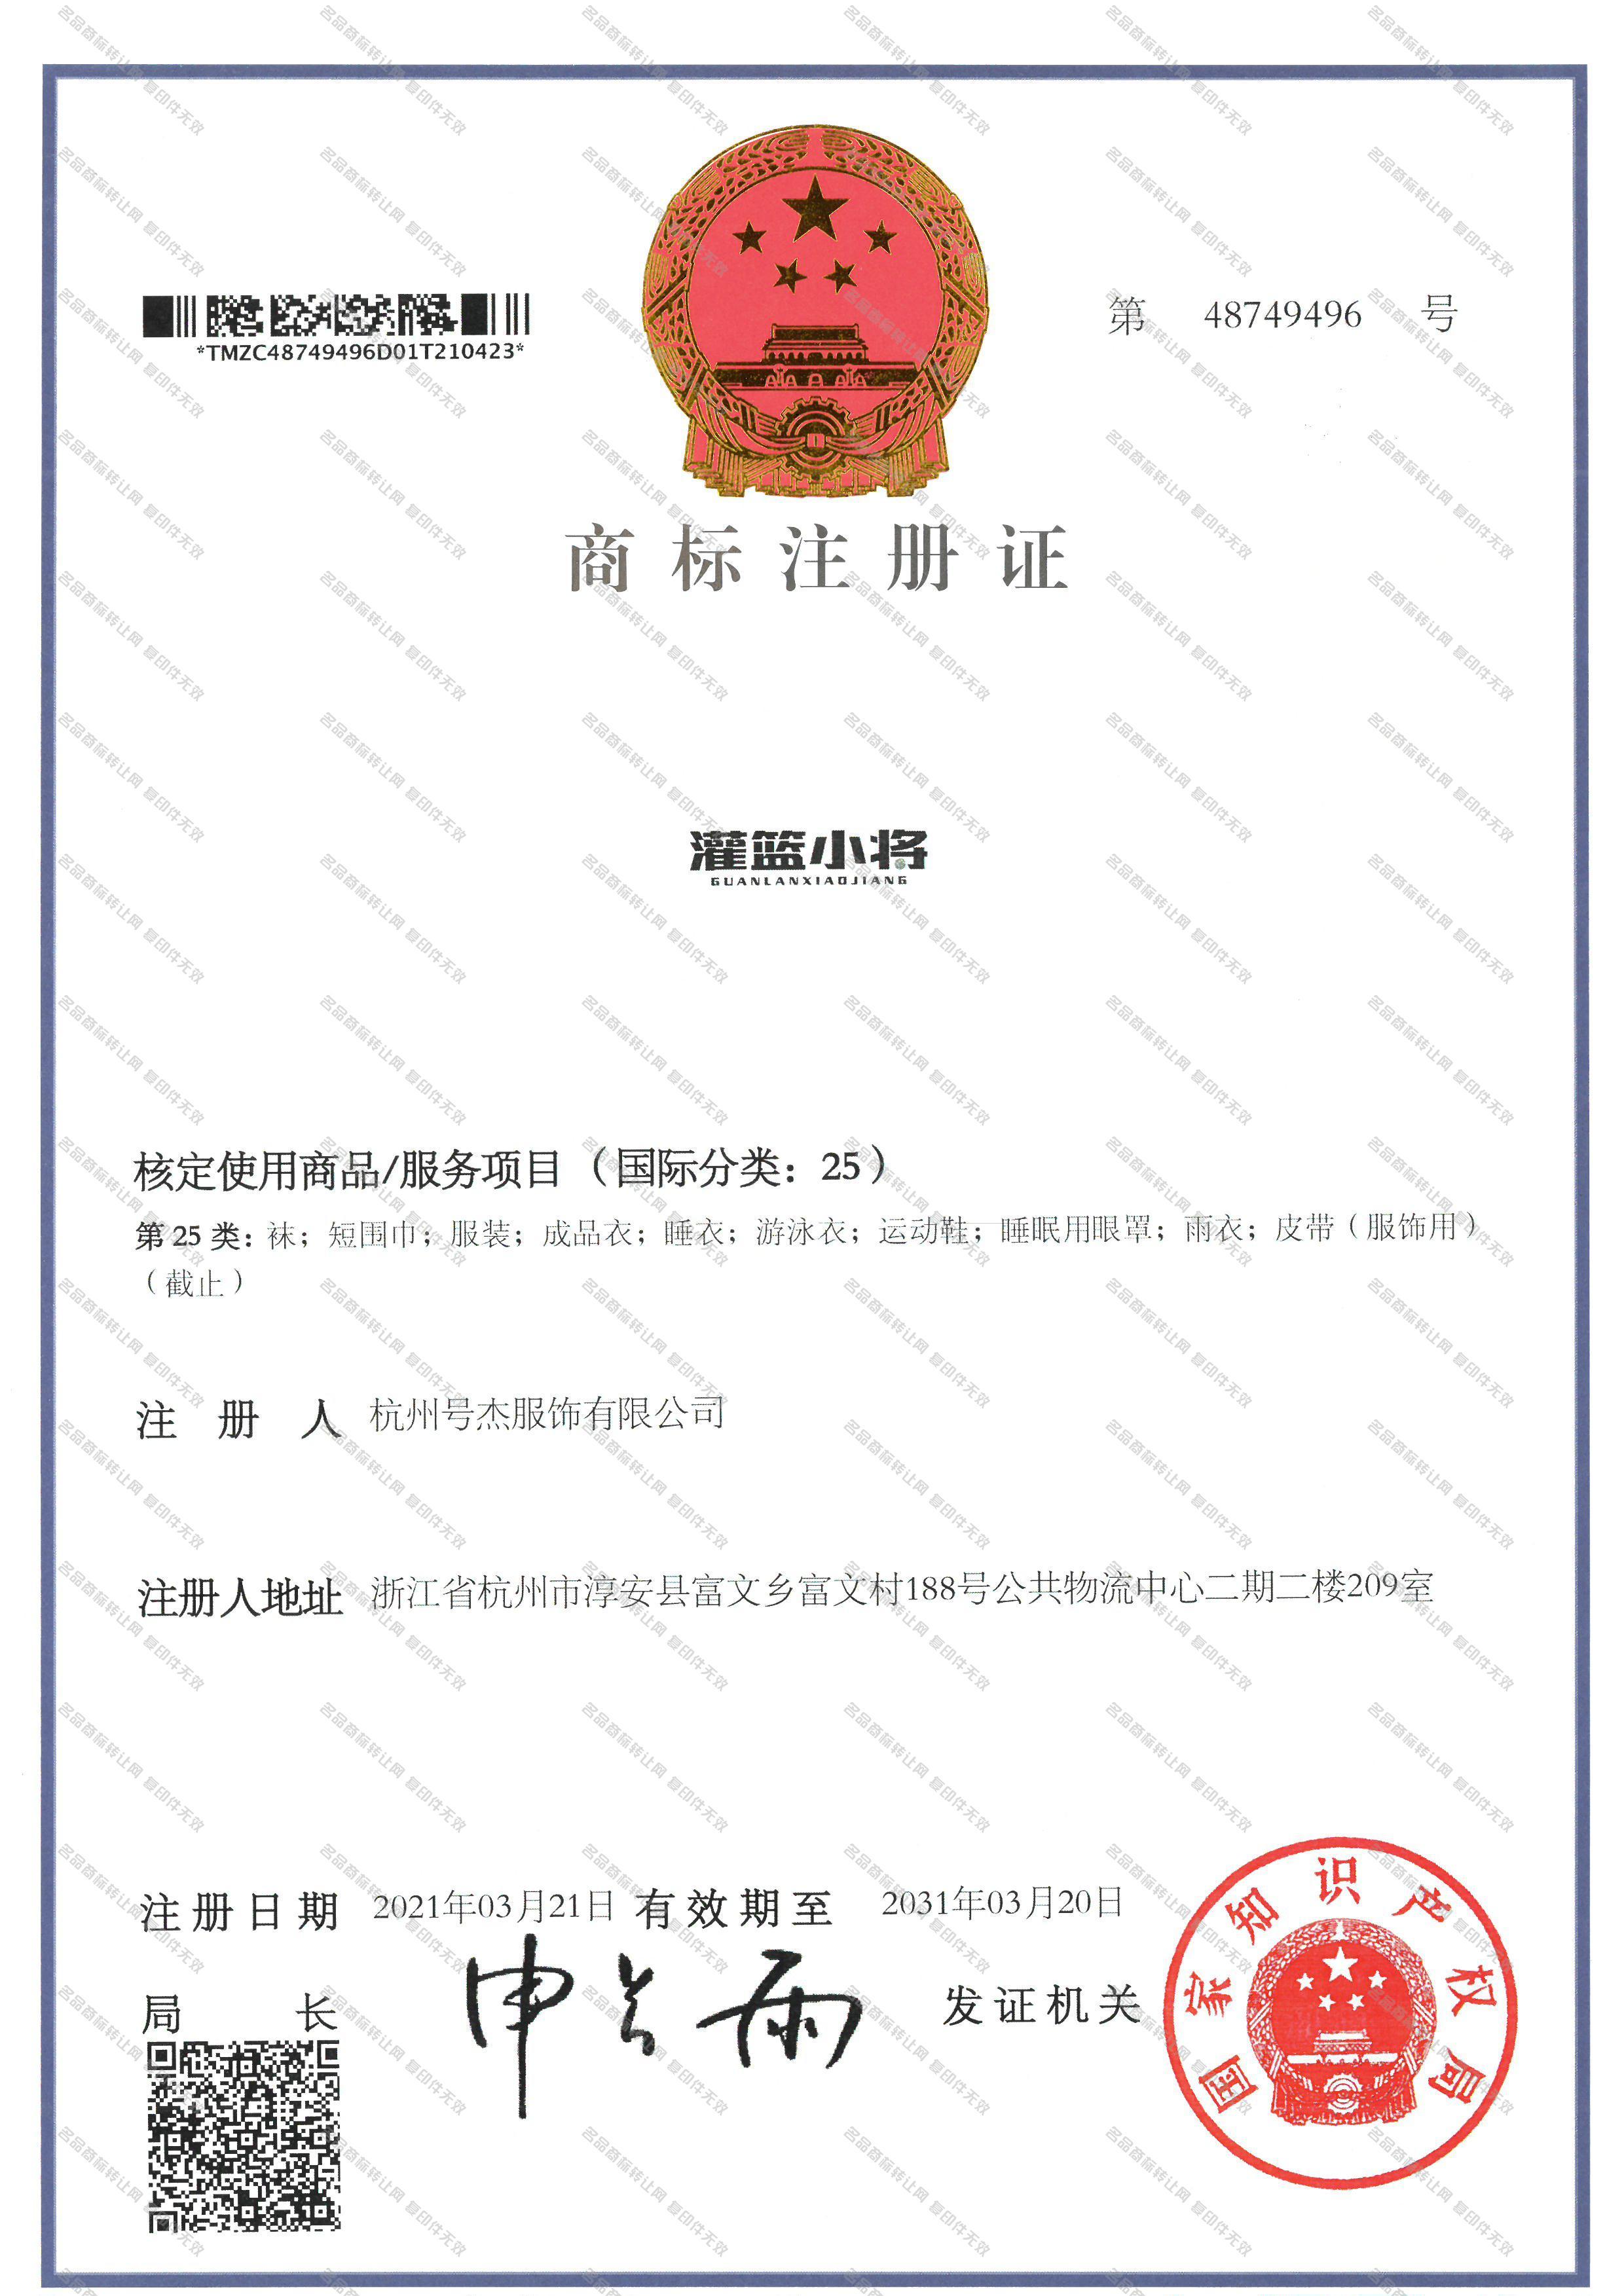 灌篮小将;GUANLANXIAOJIANG注册证